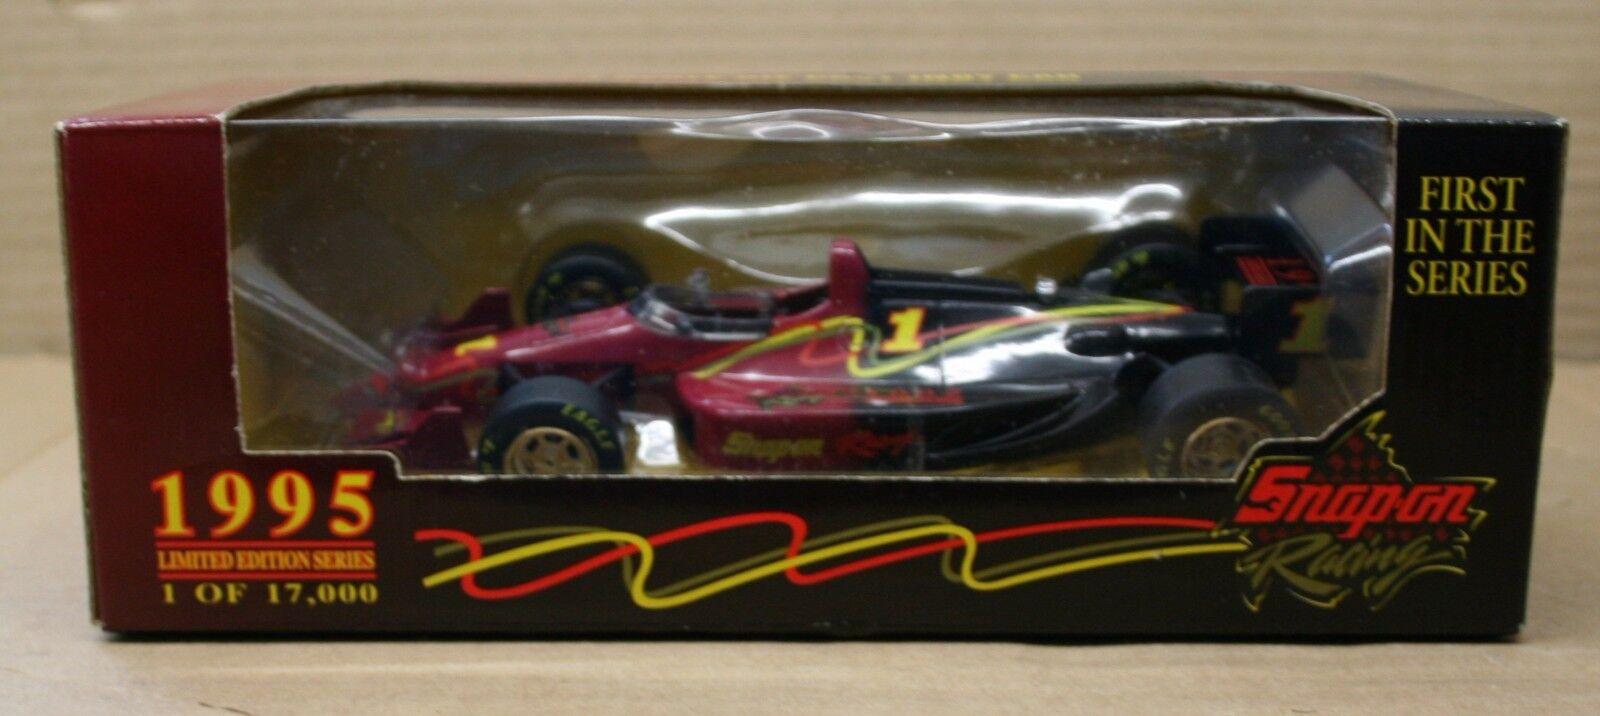 Snap-On Racing 1995 edición limitada serie 1 24 Scale Die Cast Indy Car